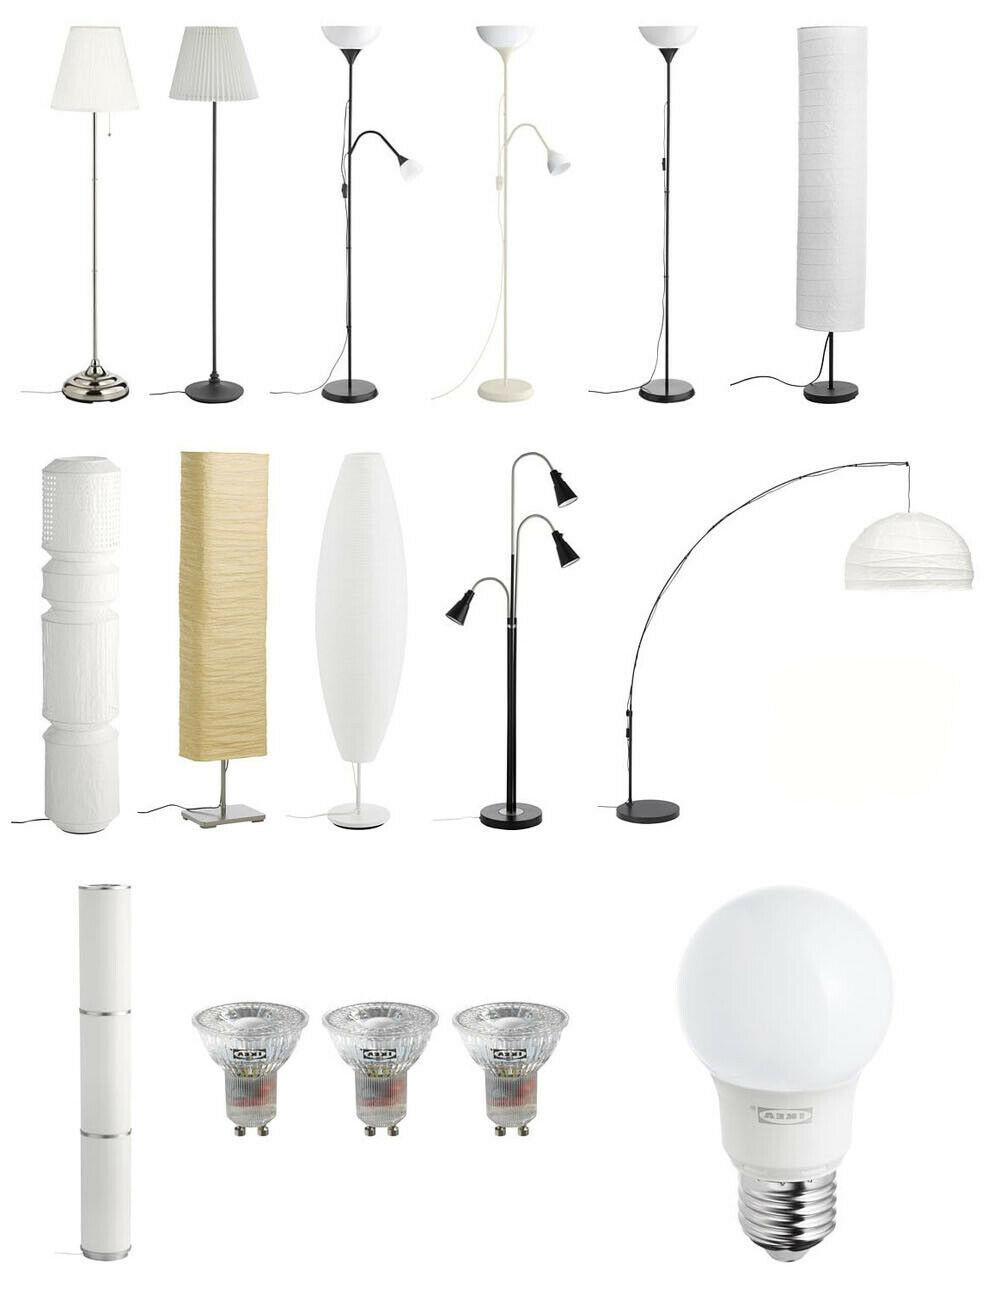 Full Size of Ikea Lampe Deckenfluter Deckenstrahler Stehlampe Not Esstisch Rustikal Holz Holzhaus Garten Wohnzimmer Bett Spielhaus Bad Waschtisch Schlafzimmer Holzbank Wohnzimmer Ikea Stehlampe Holz